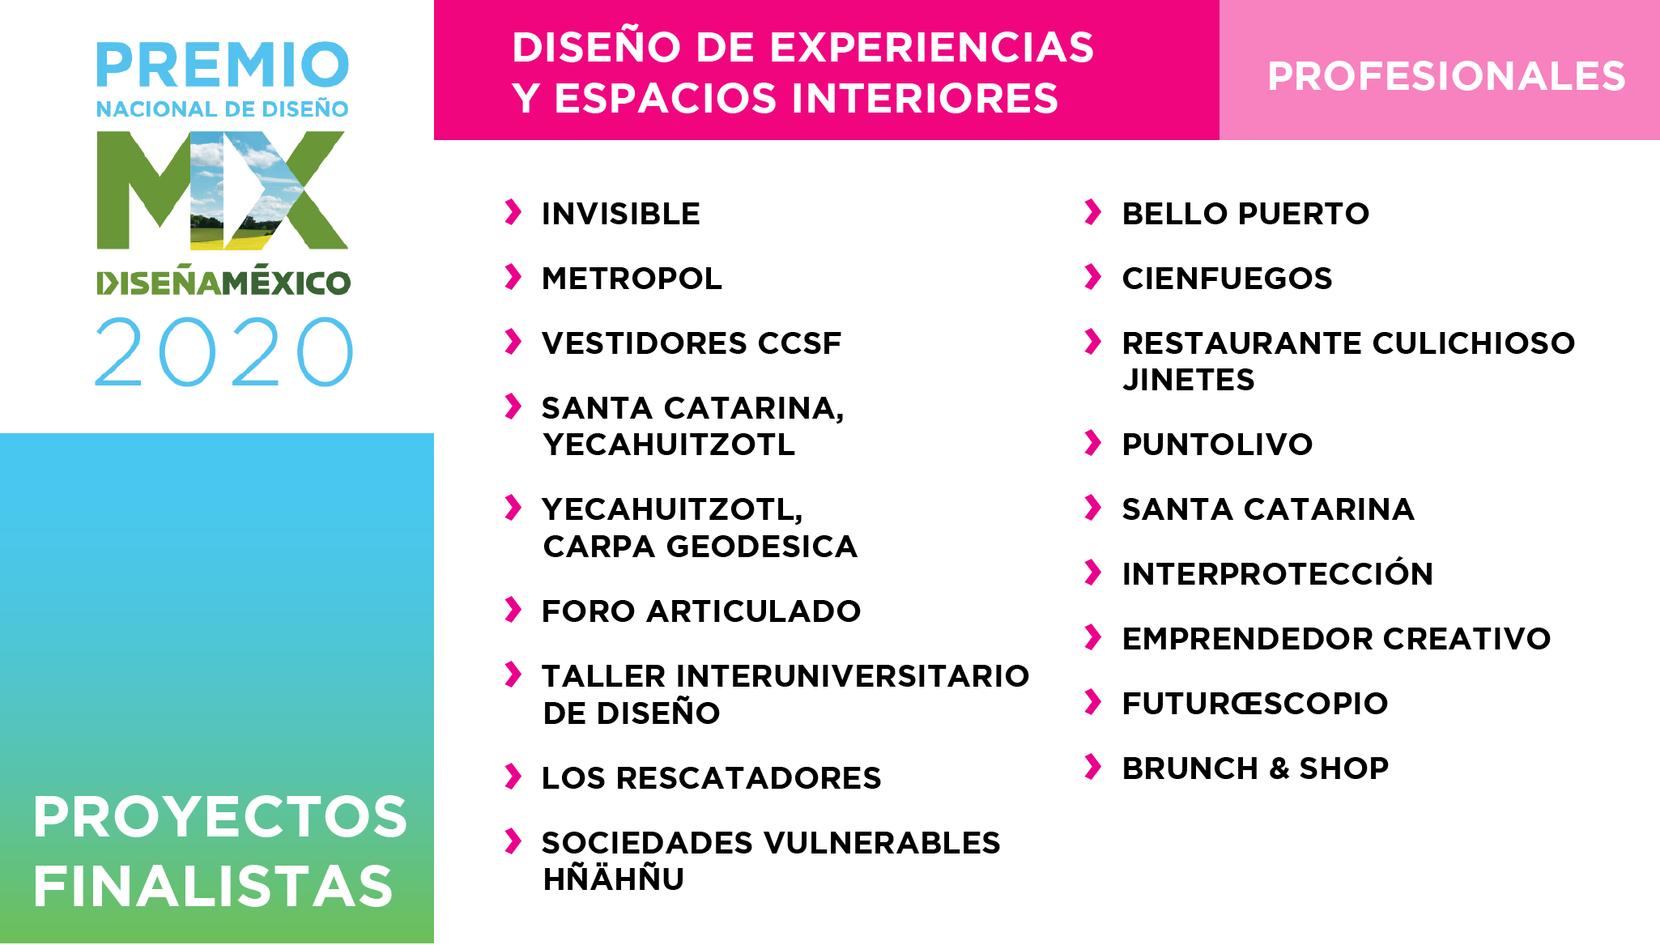 EXPERIENCIAS / PROFESIONALES